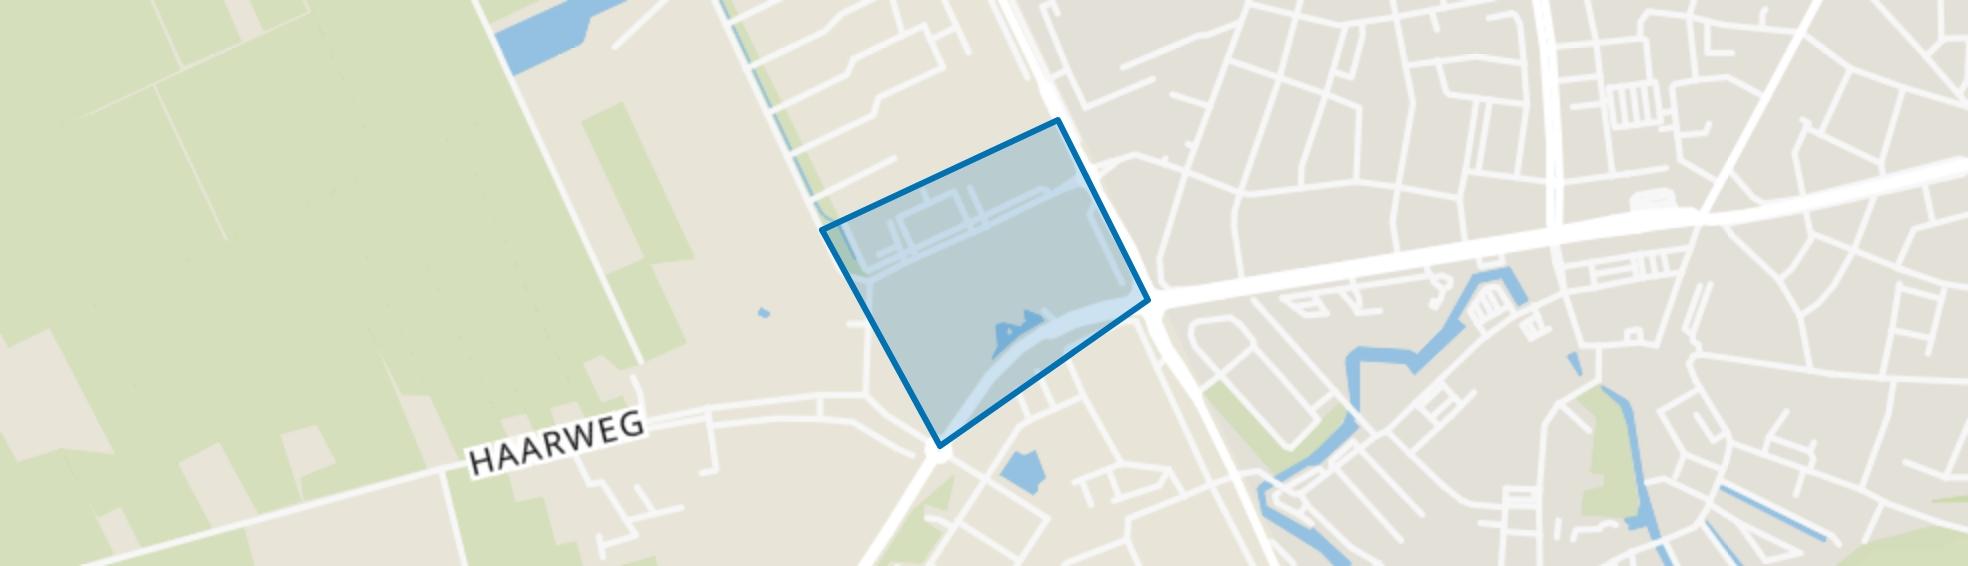 Marijkebuurt, Wageningen map